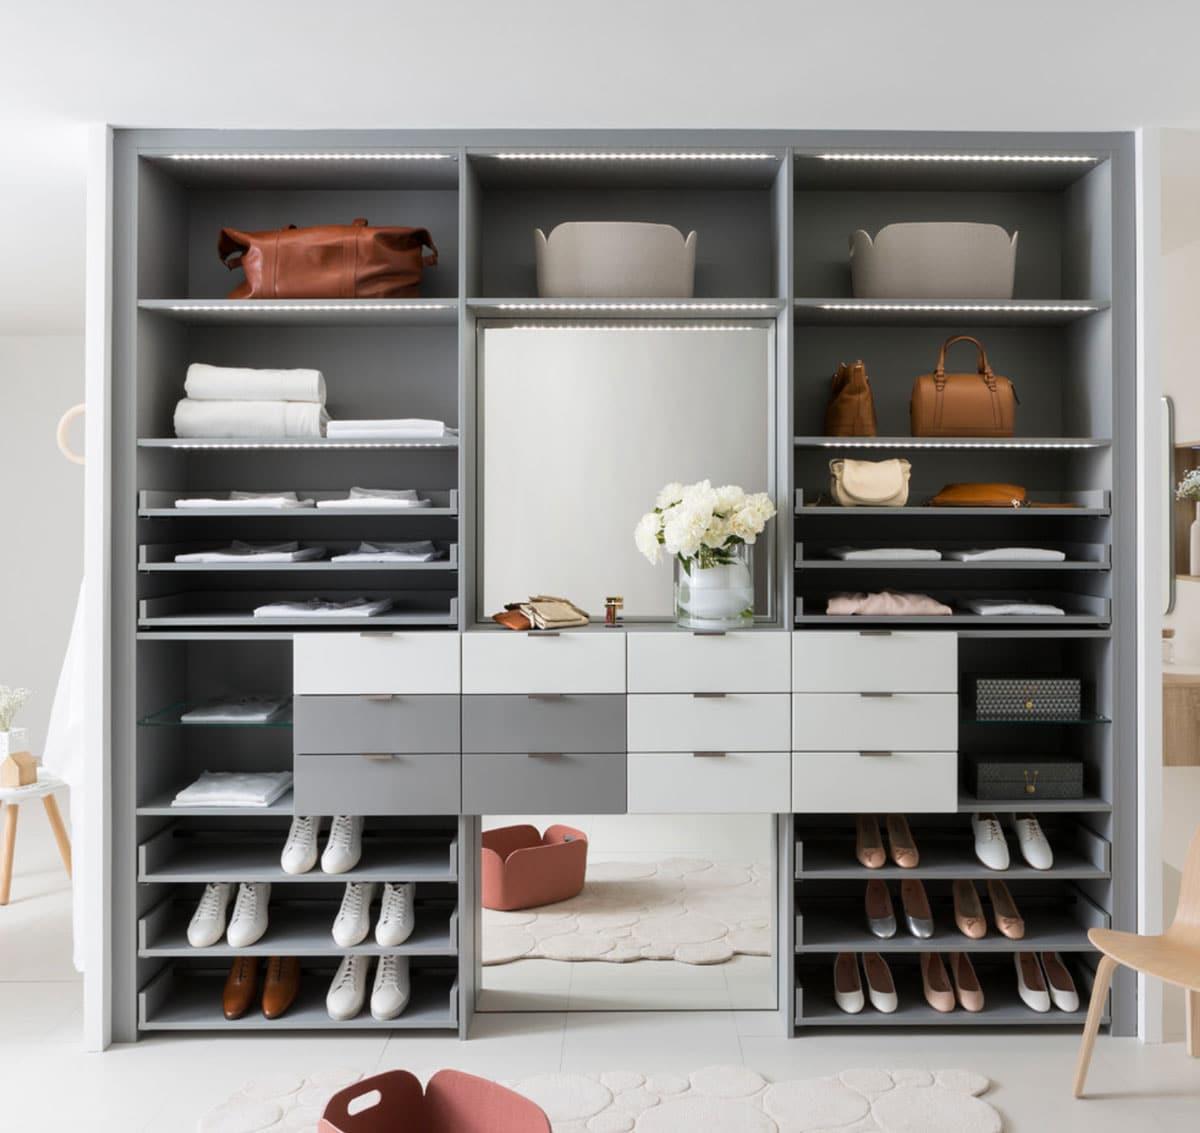 g1 1 2 - Гардеробные комнаты - обязательный элемент современной квартиры